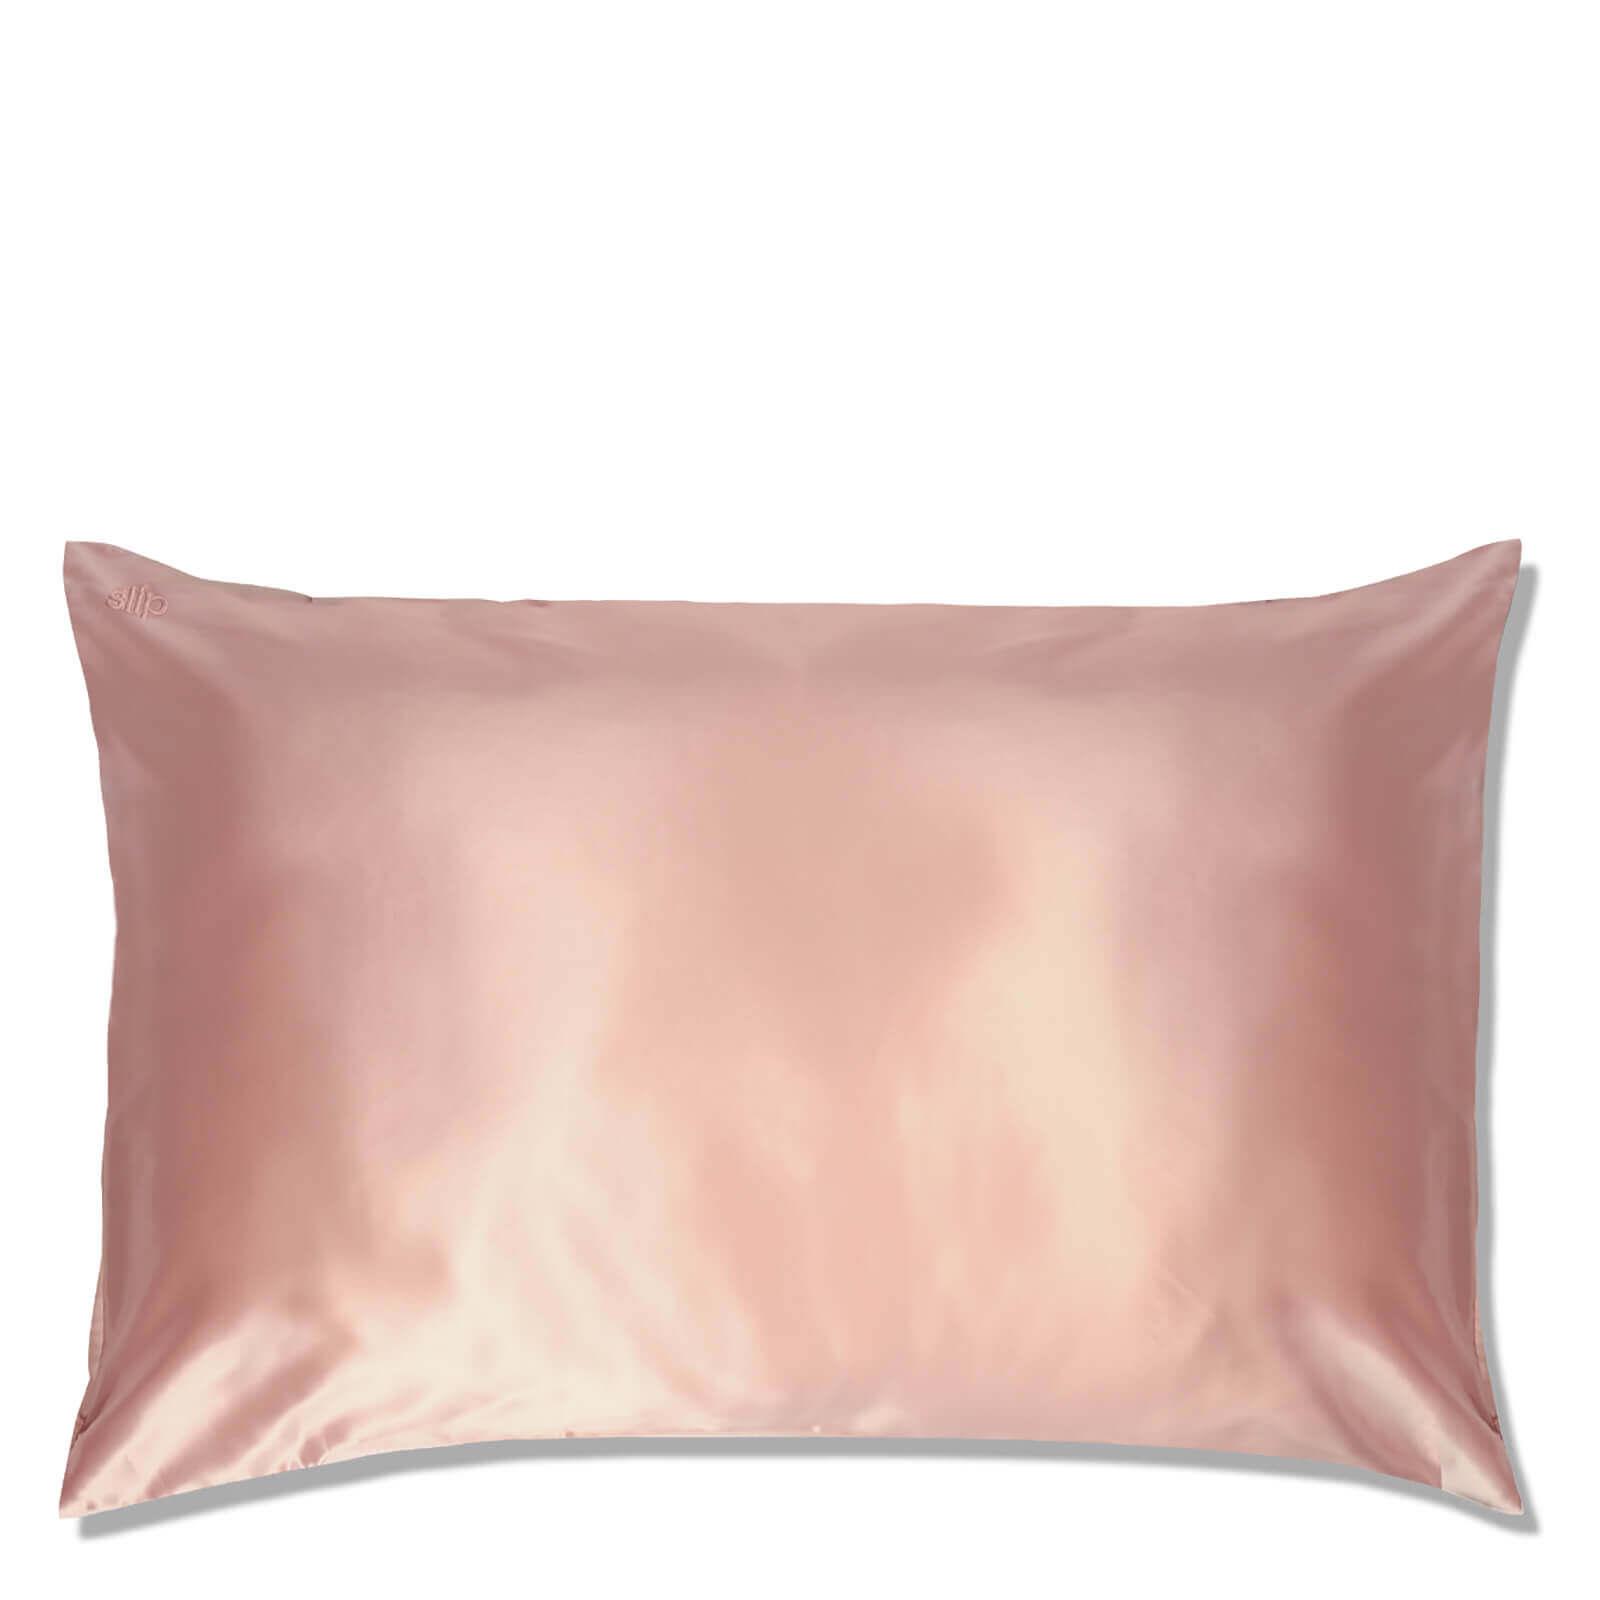 Slip 防滑真丝枕套 多色可选